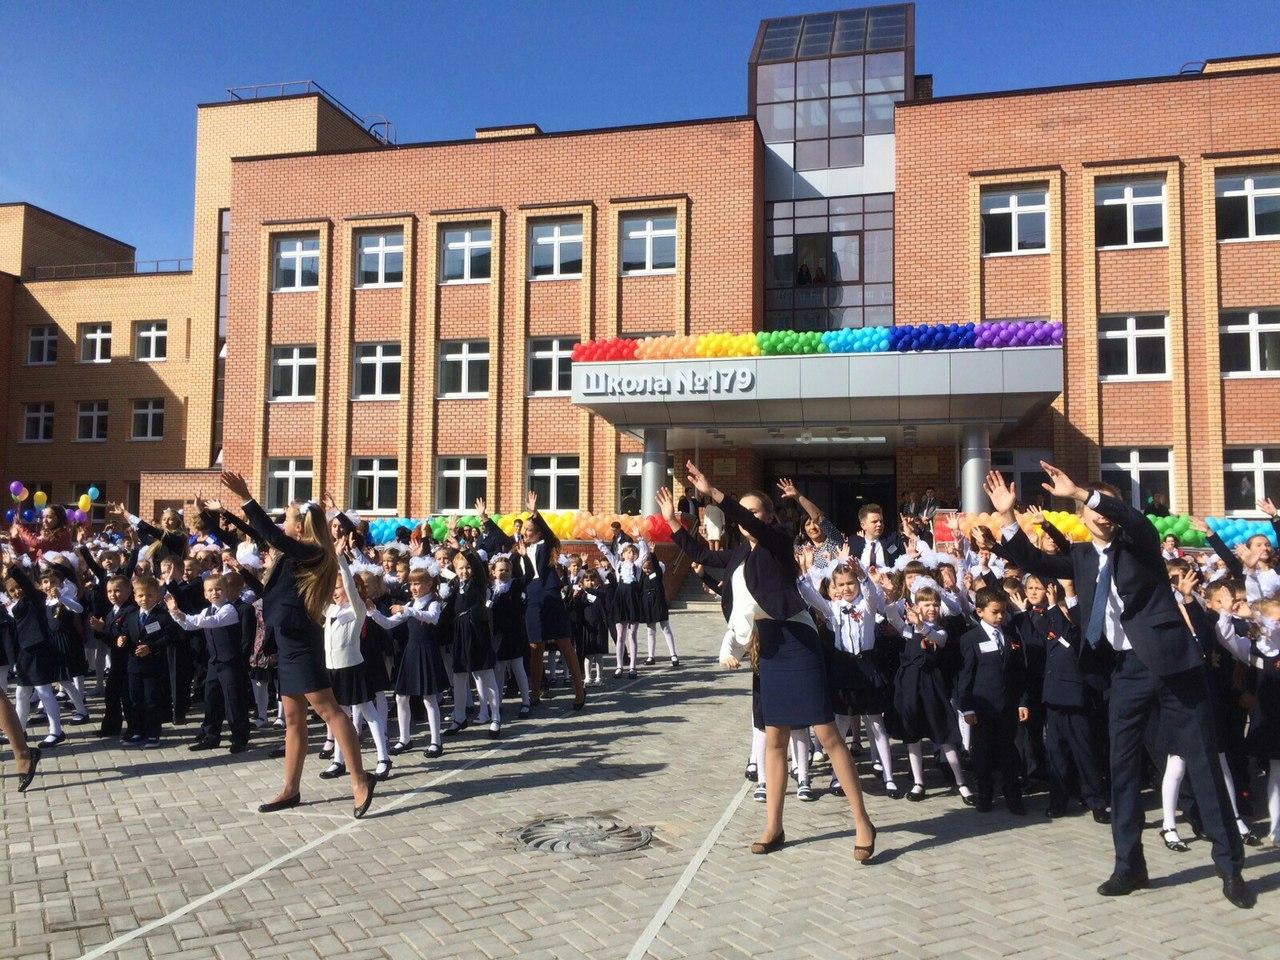 Минниханов в «Вконтакте»: открытие школы №179 в Казани